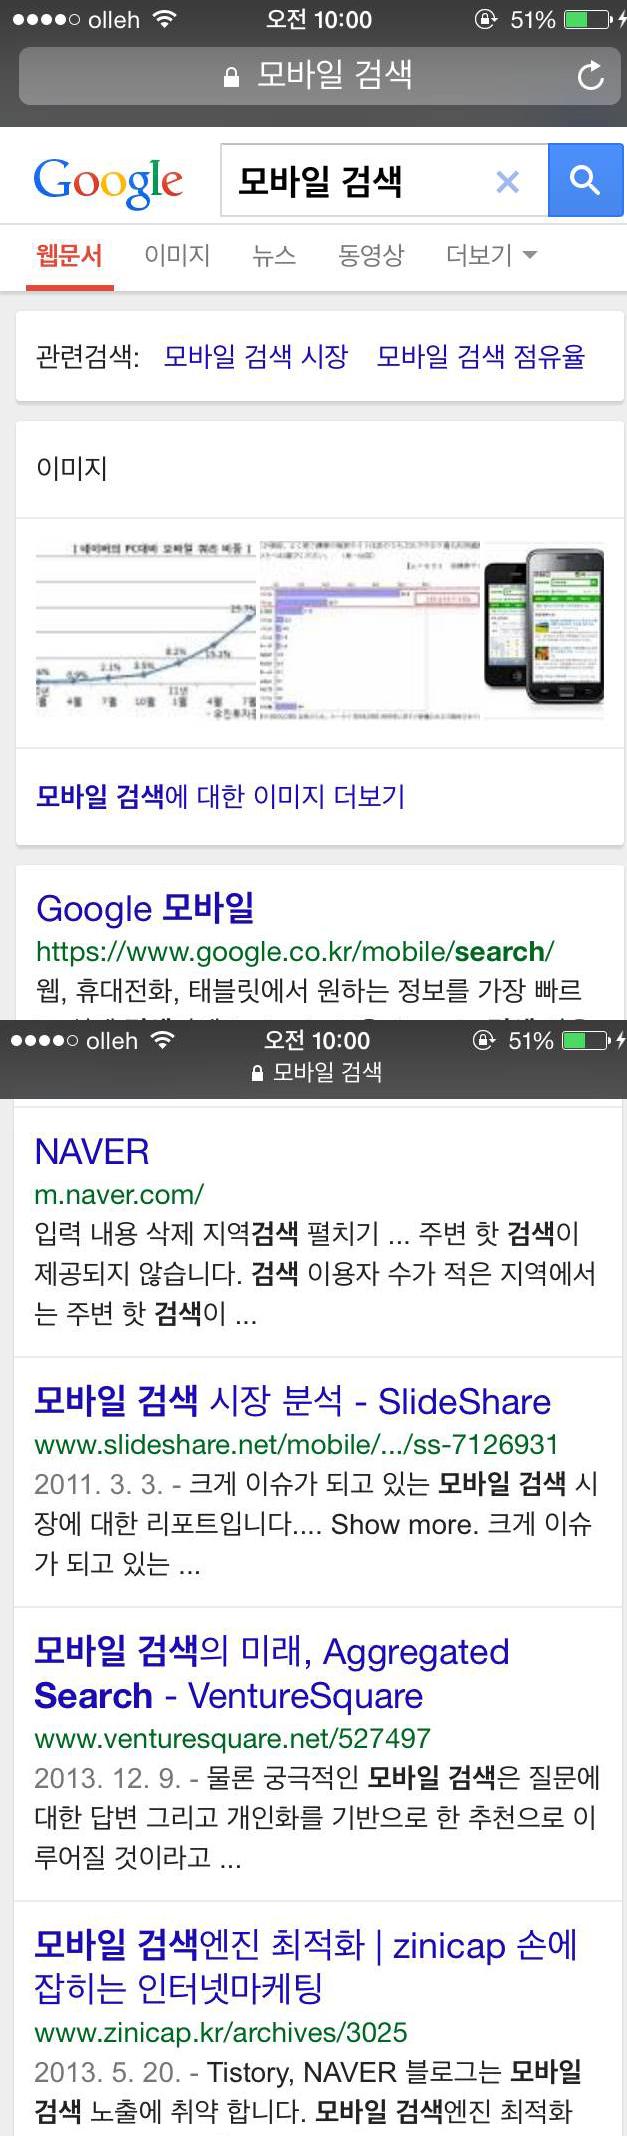 구글 검색의 특징은 정확한 키워드 매칭과 불필요한 정보를 필터링하는 기술이 뛰어난 점이다.